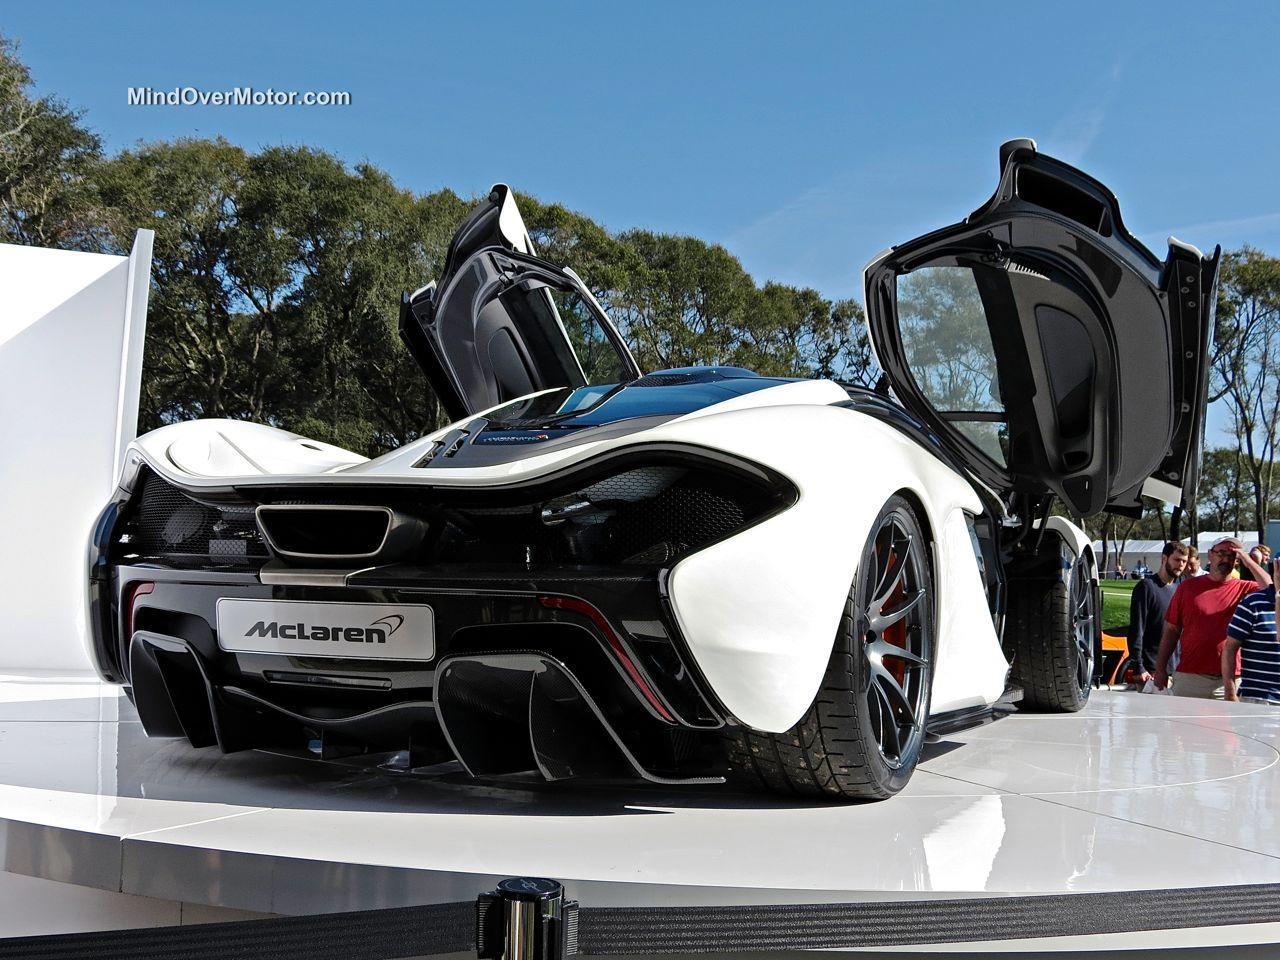 McLaren P1 Amelia Island rear